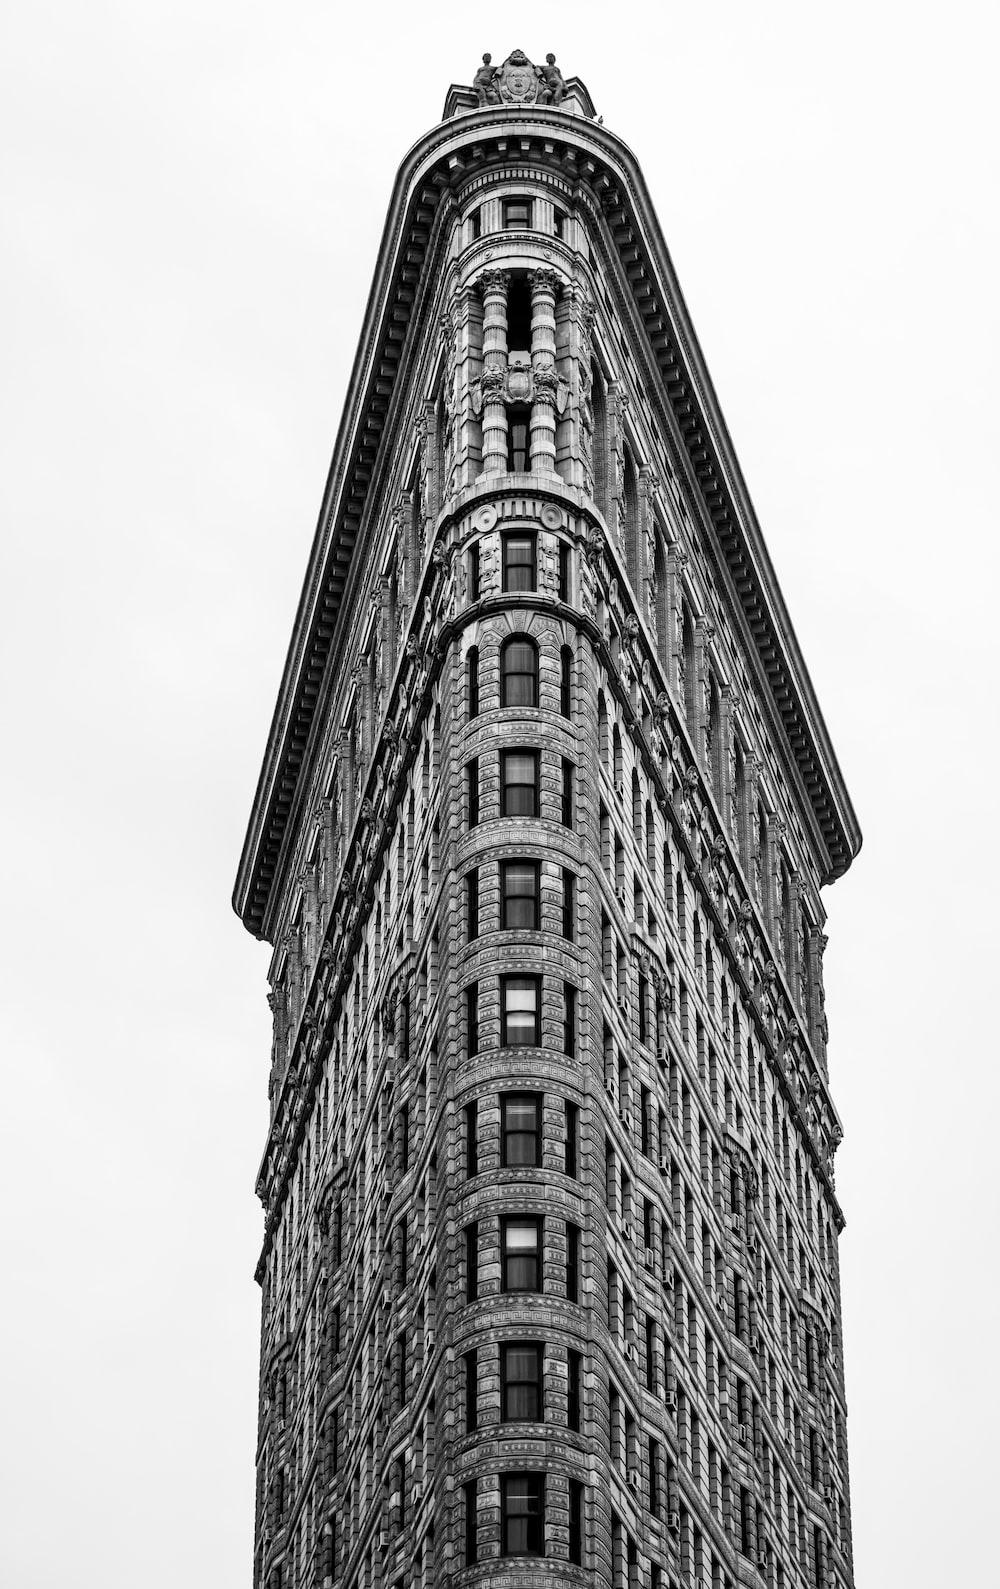 Flatiron Building under white sky